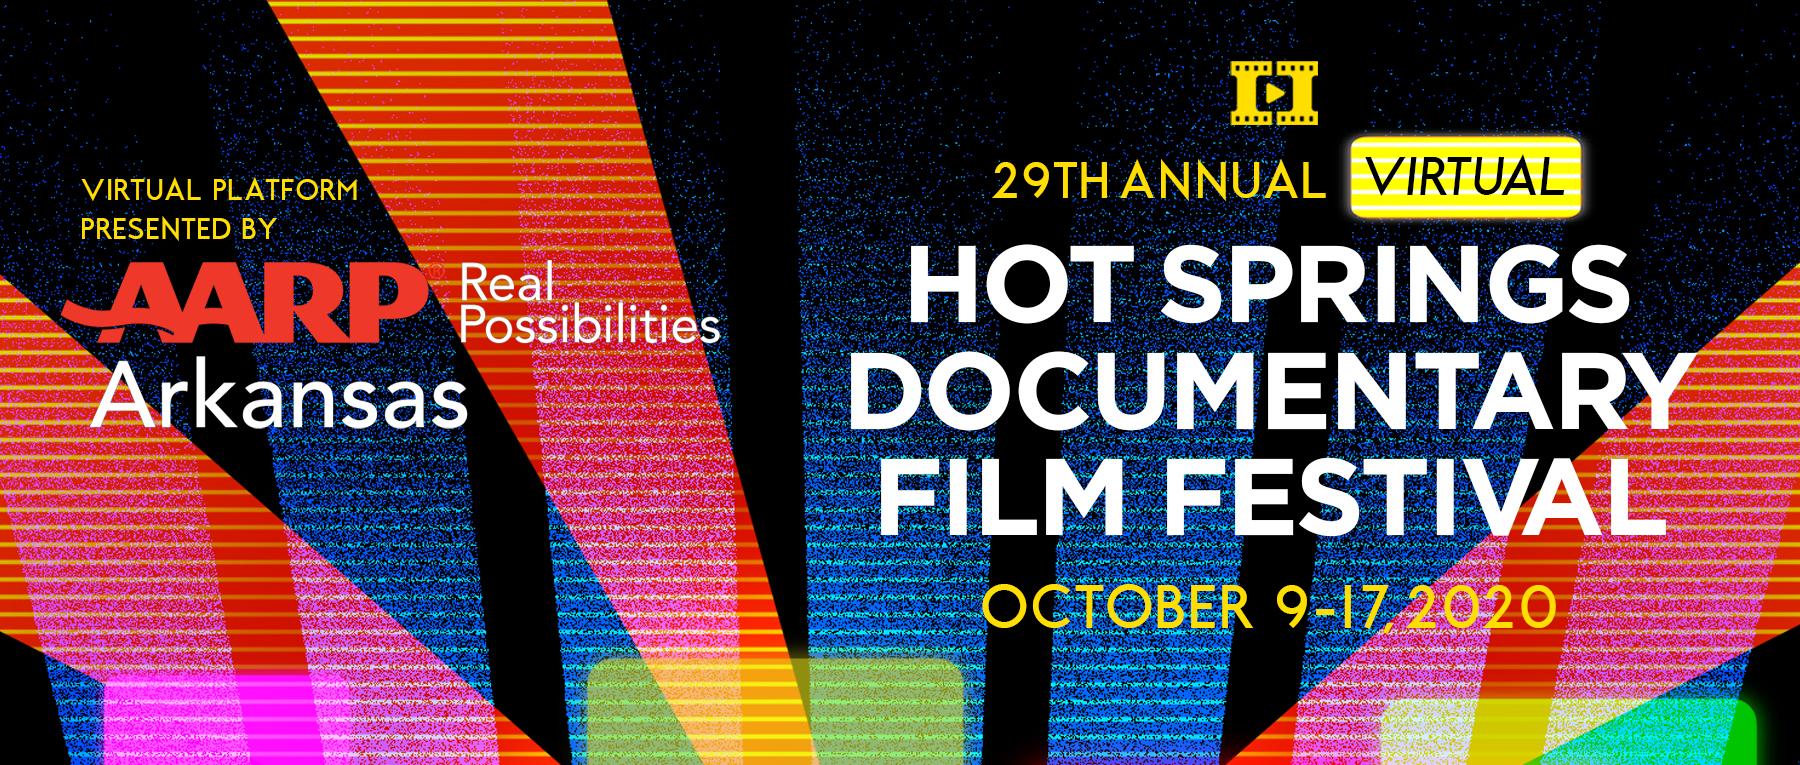 Hot Springs Documentary Film Festival 2020